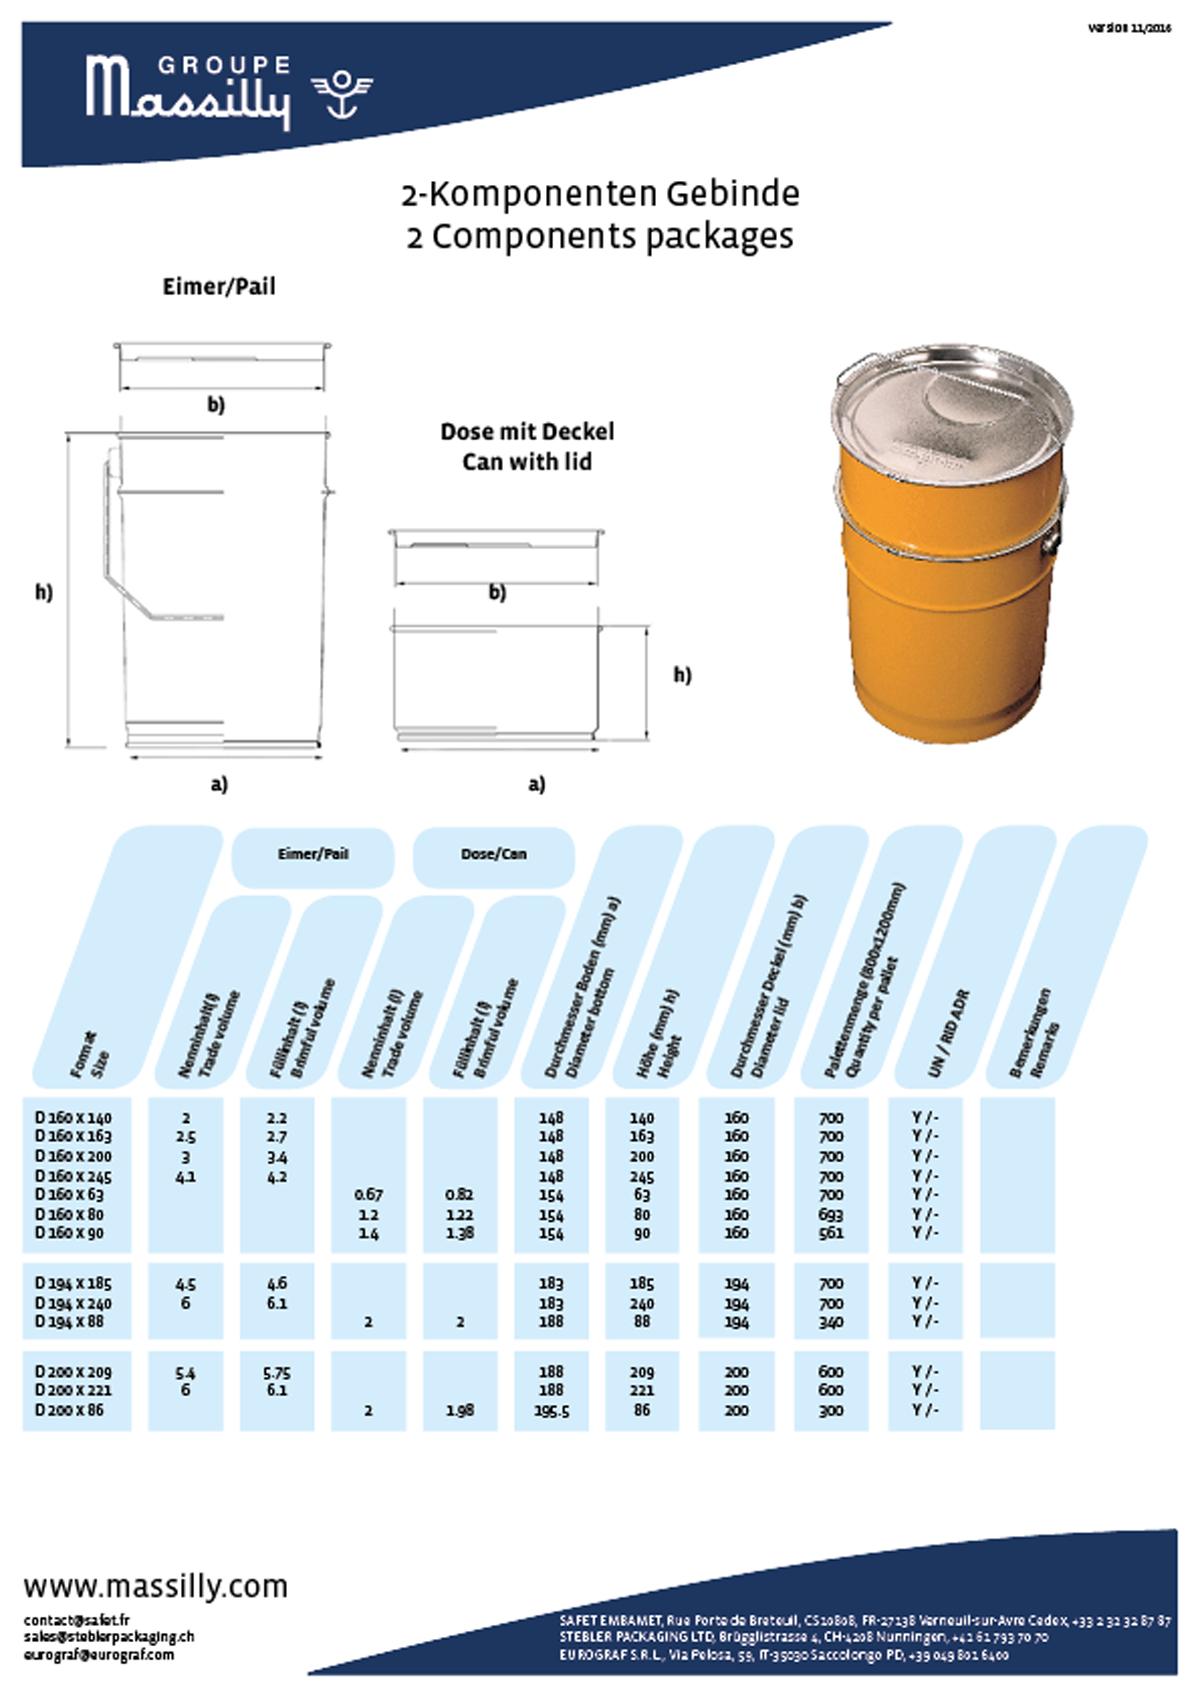 2K_Gebinde-datenblatt-stebler-packaging-ag-112016-1